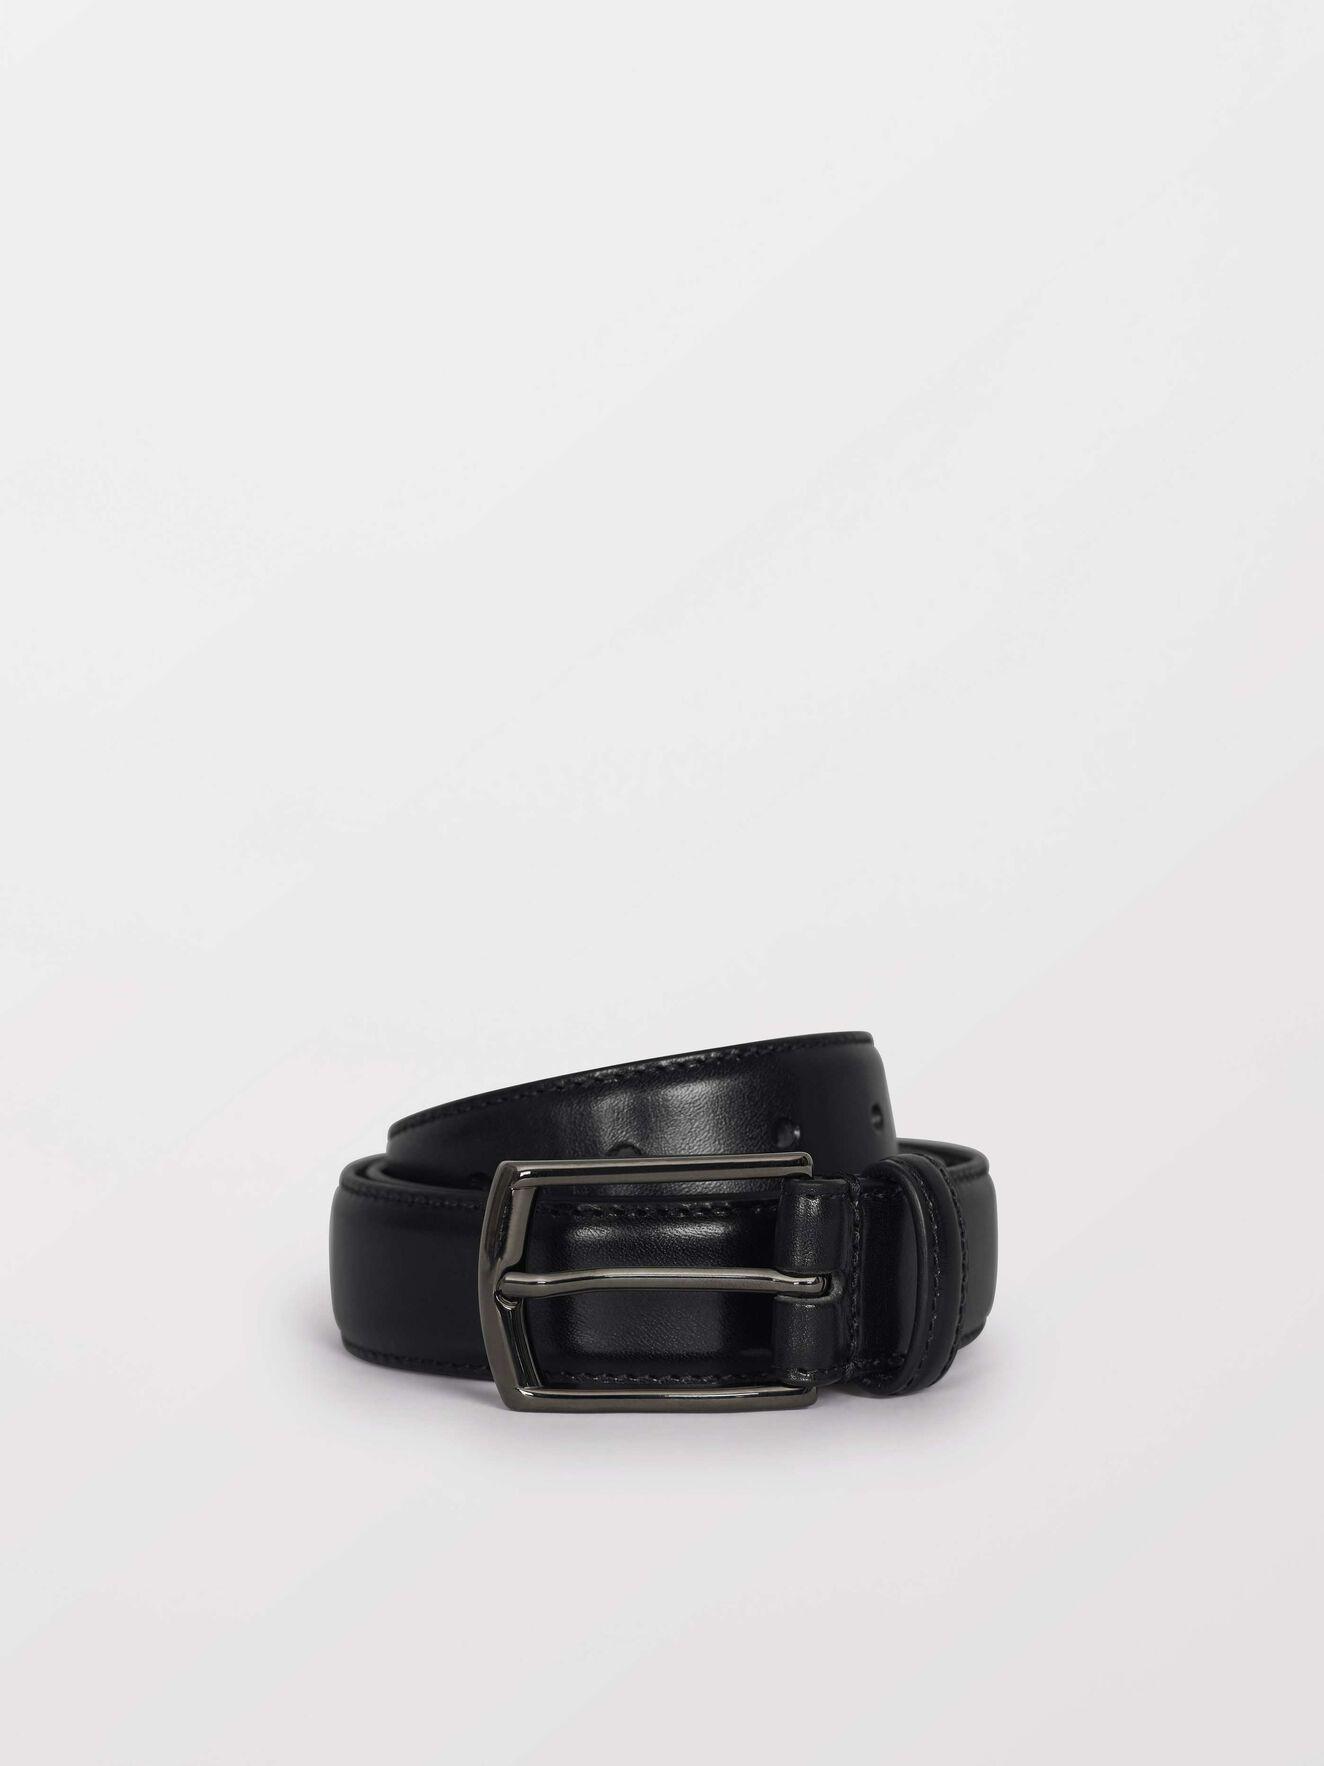 Bannir Belt in Black from Tiger of Sweden